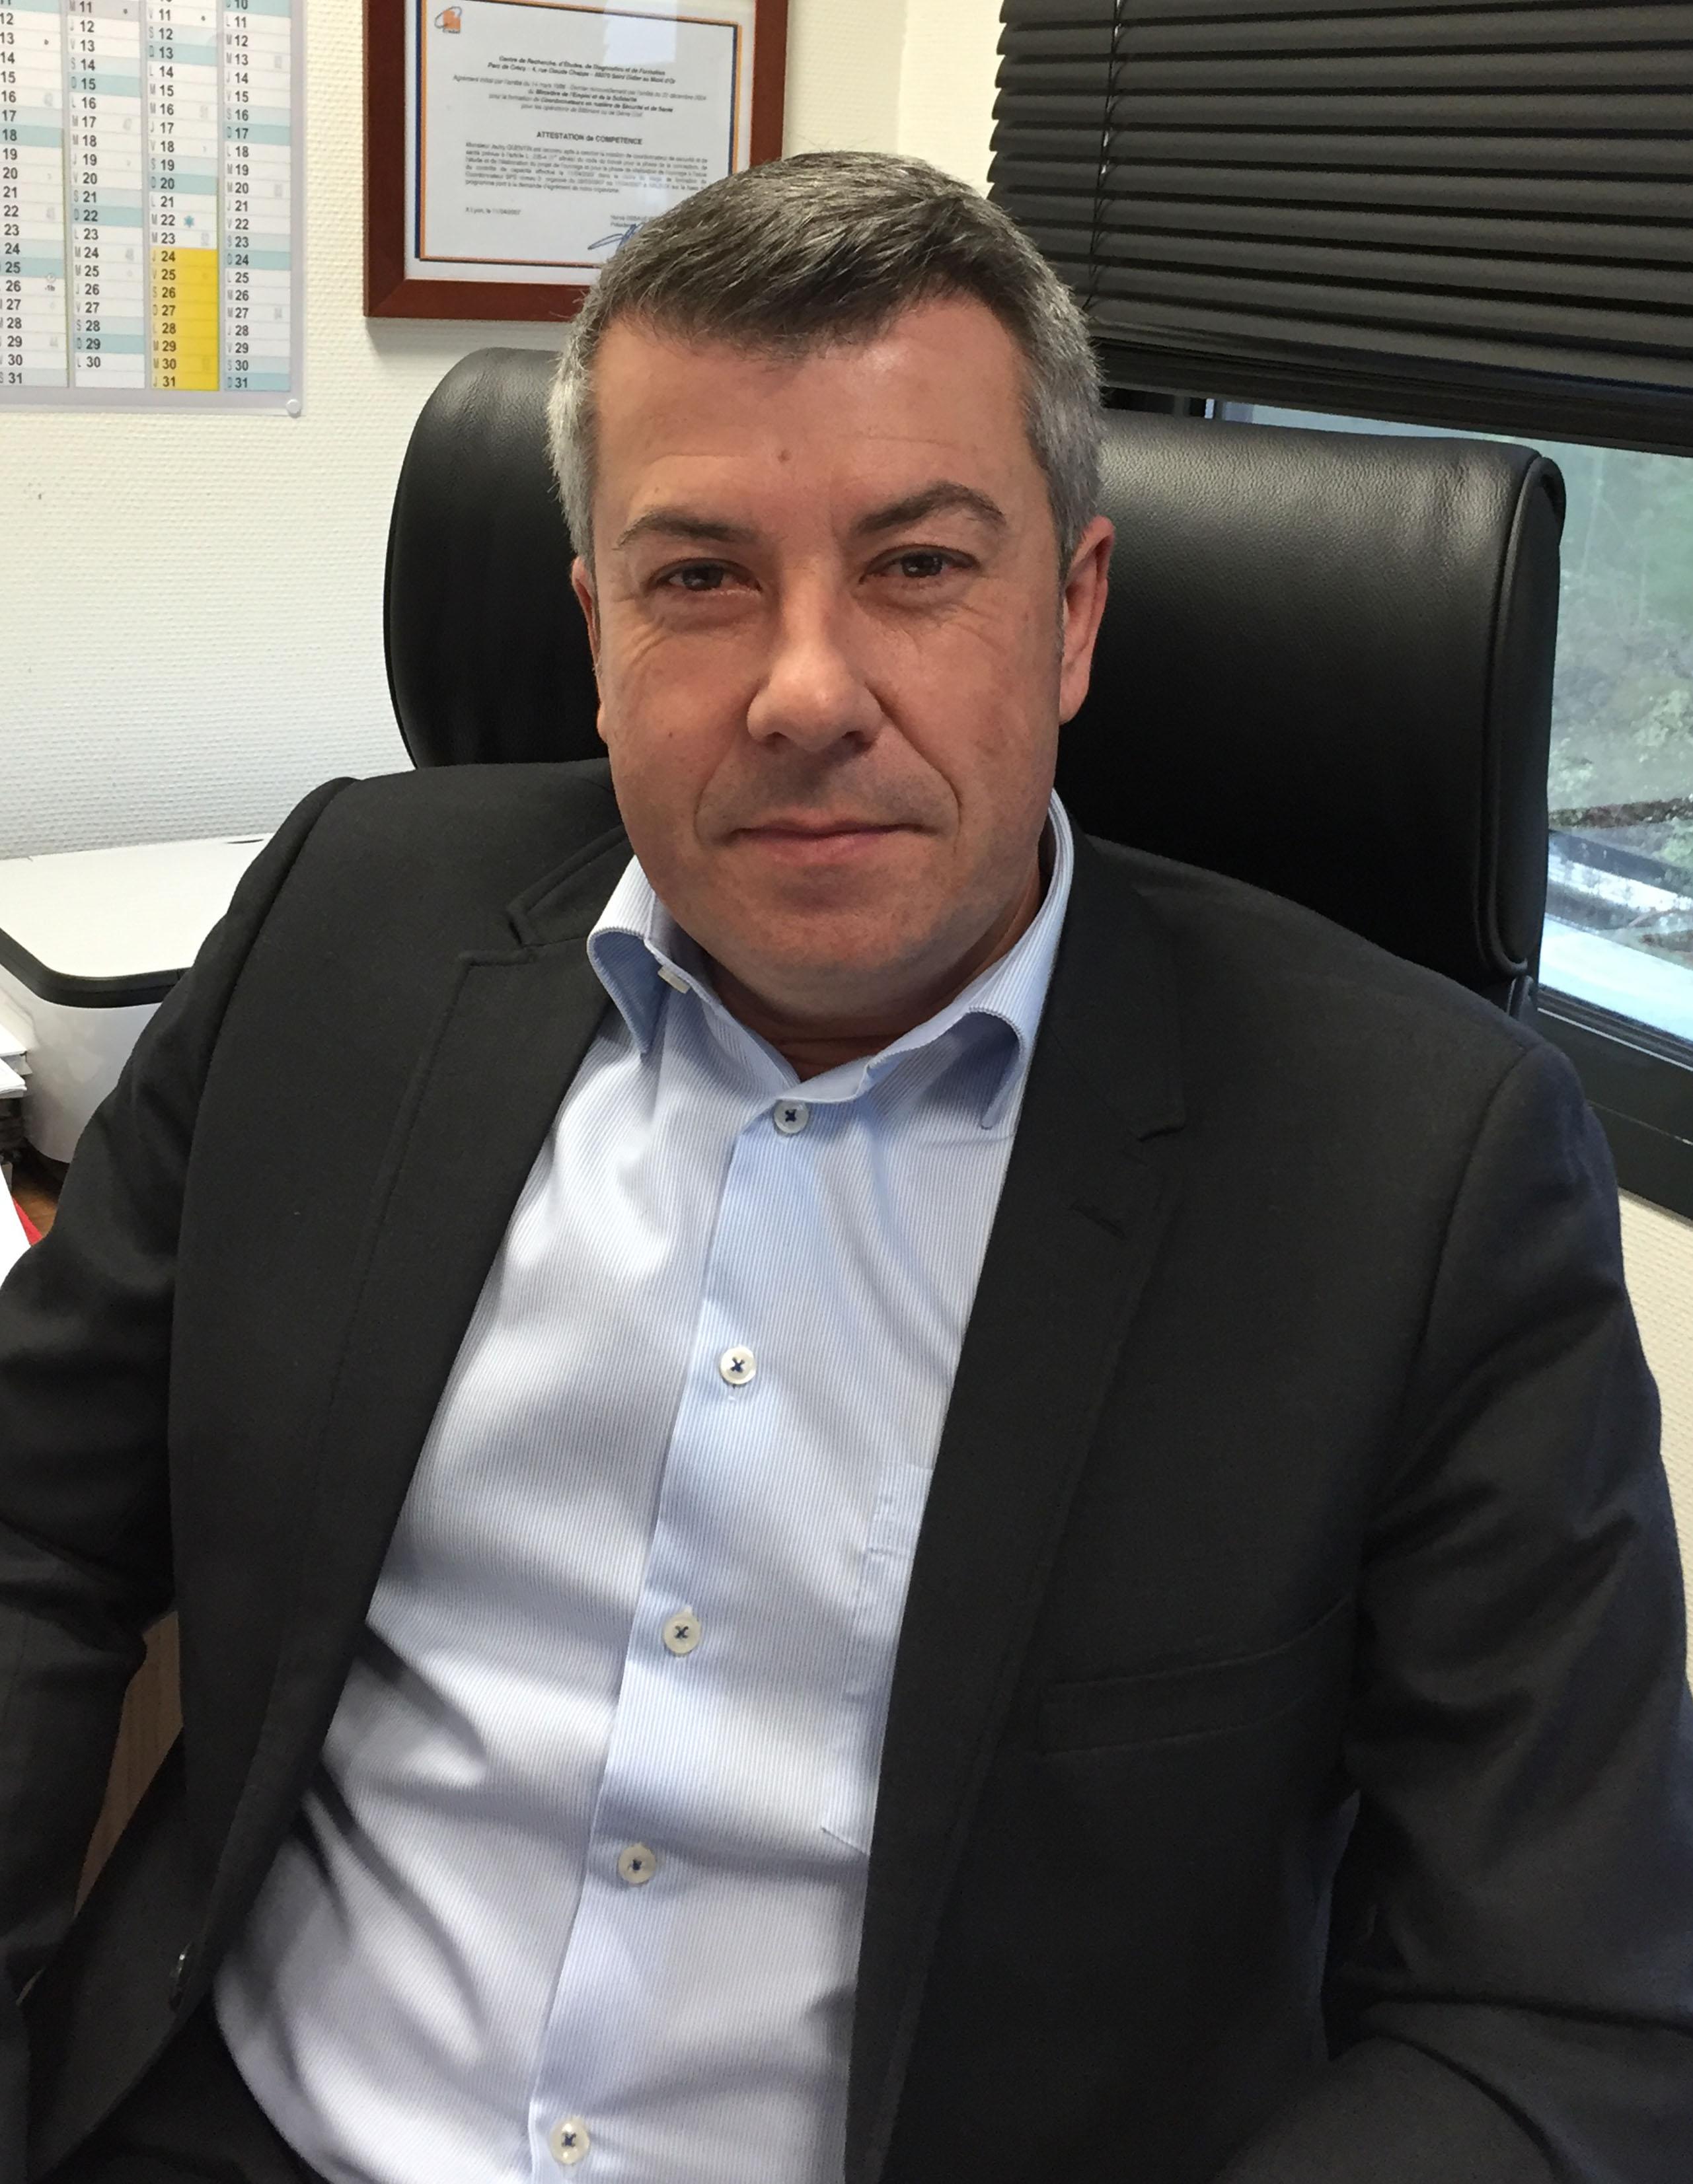 Jacky Quentin, Directeur technique de RENOVEA